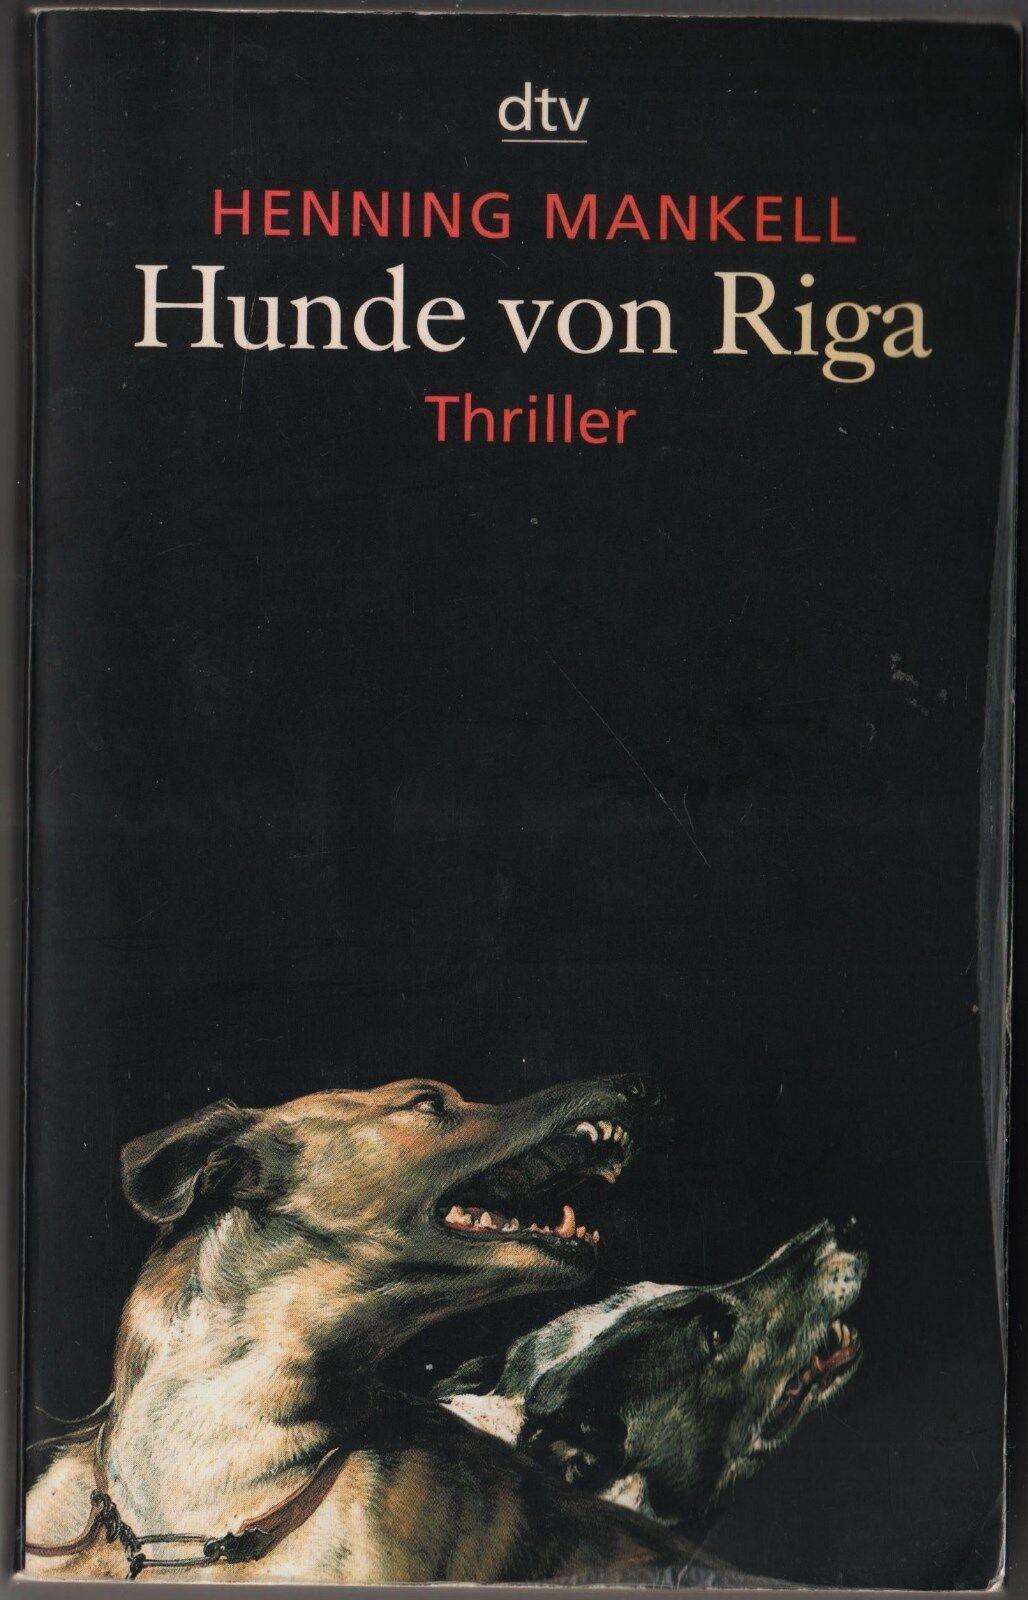 Hunde von Riga von Henning Mankell dtv TB 20294